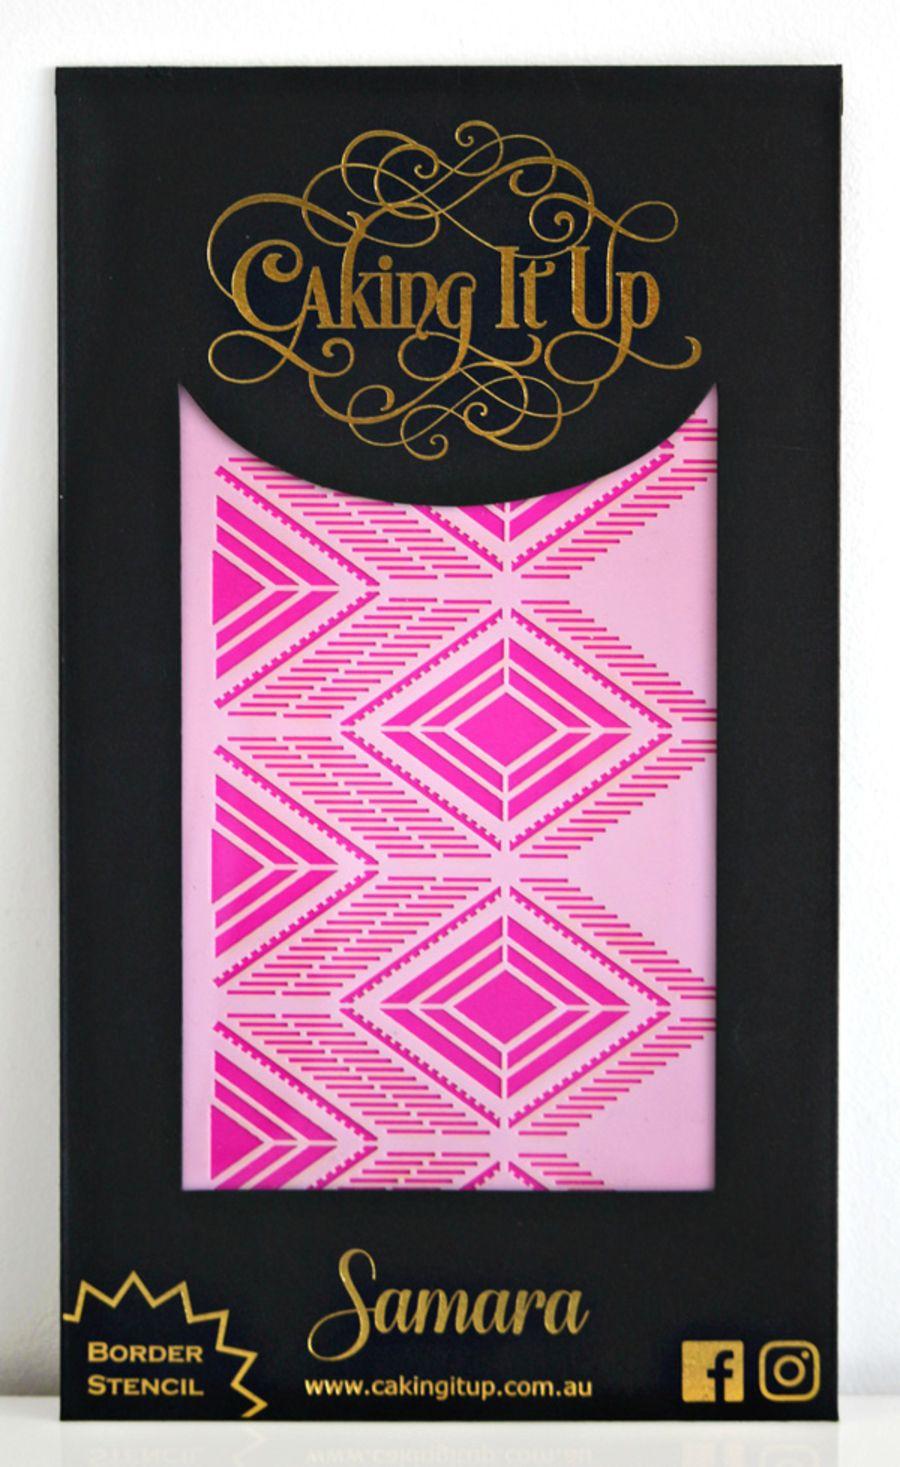 Caking It Up - SAMARA - Cake Stencil by Karen Reeves